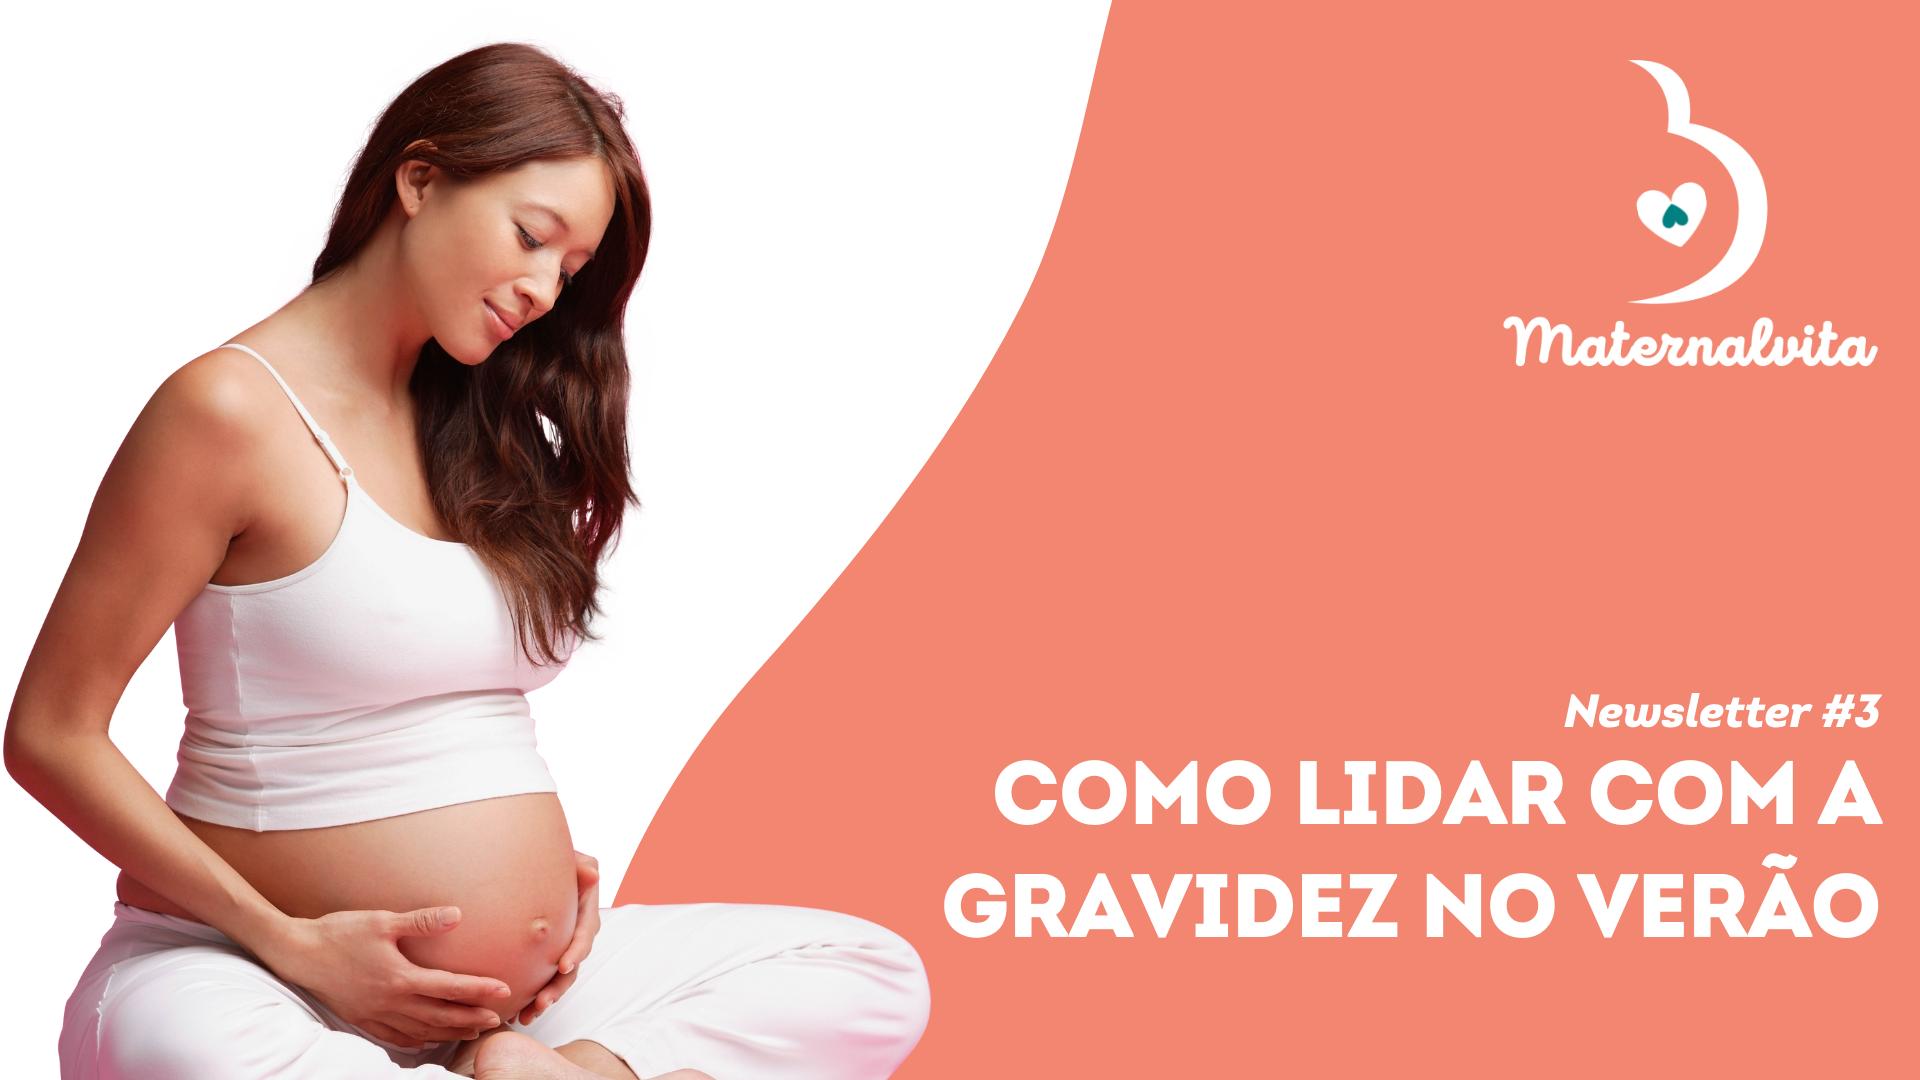 Não poderia faltar a nossa Newsletter. Hoje saiu a nossa 3ª Newsletter e falamos de como pode lidar com a gravidez no Verão. Saiba tudo!